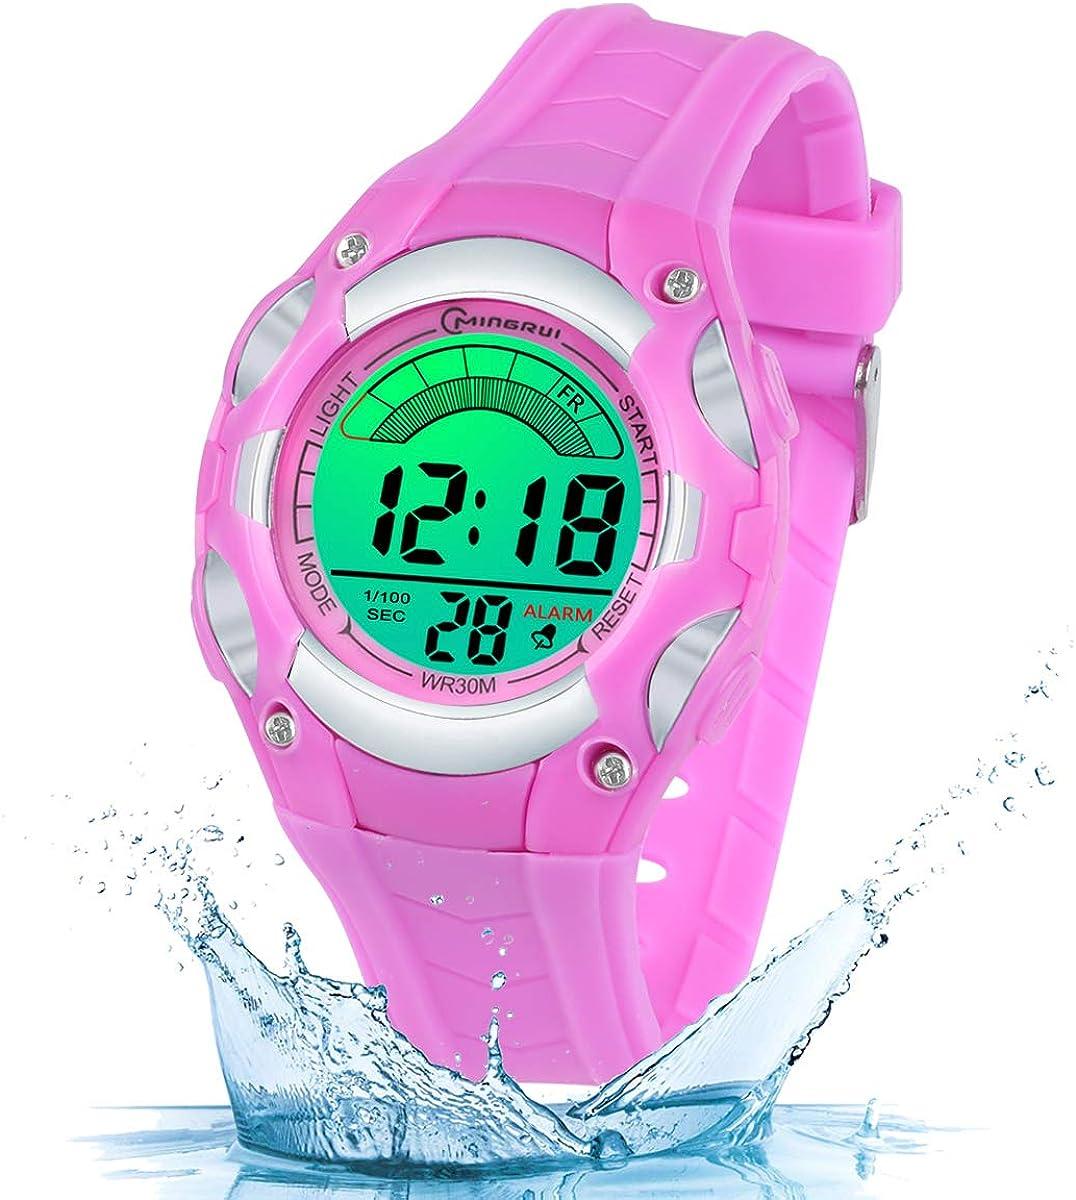 Reloj Digital para Niños Niñas, Reloj Infantil Deportivo 7 Colores Luz LED Multifuncional Impermeable 30 M Relojes de Pulsera para Exteriores con Alarma para Niños de 4 a 15 años.